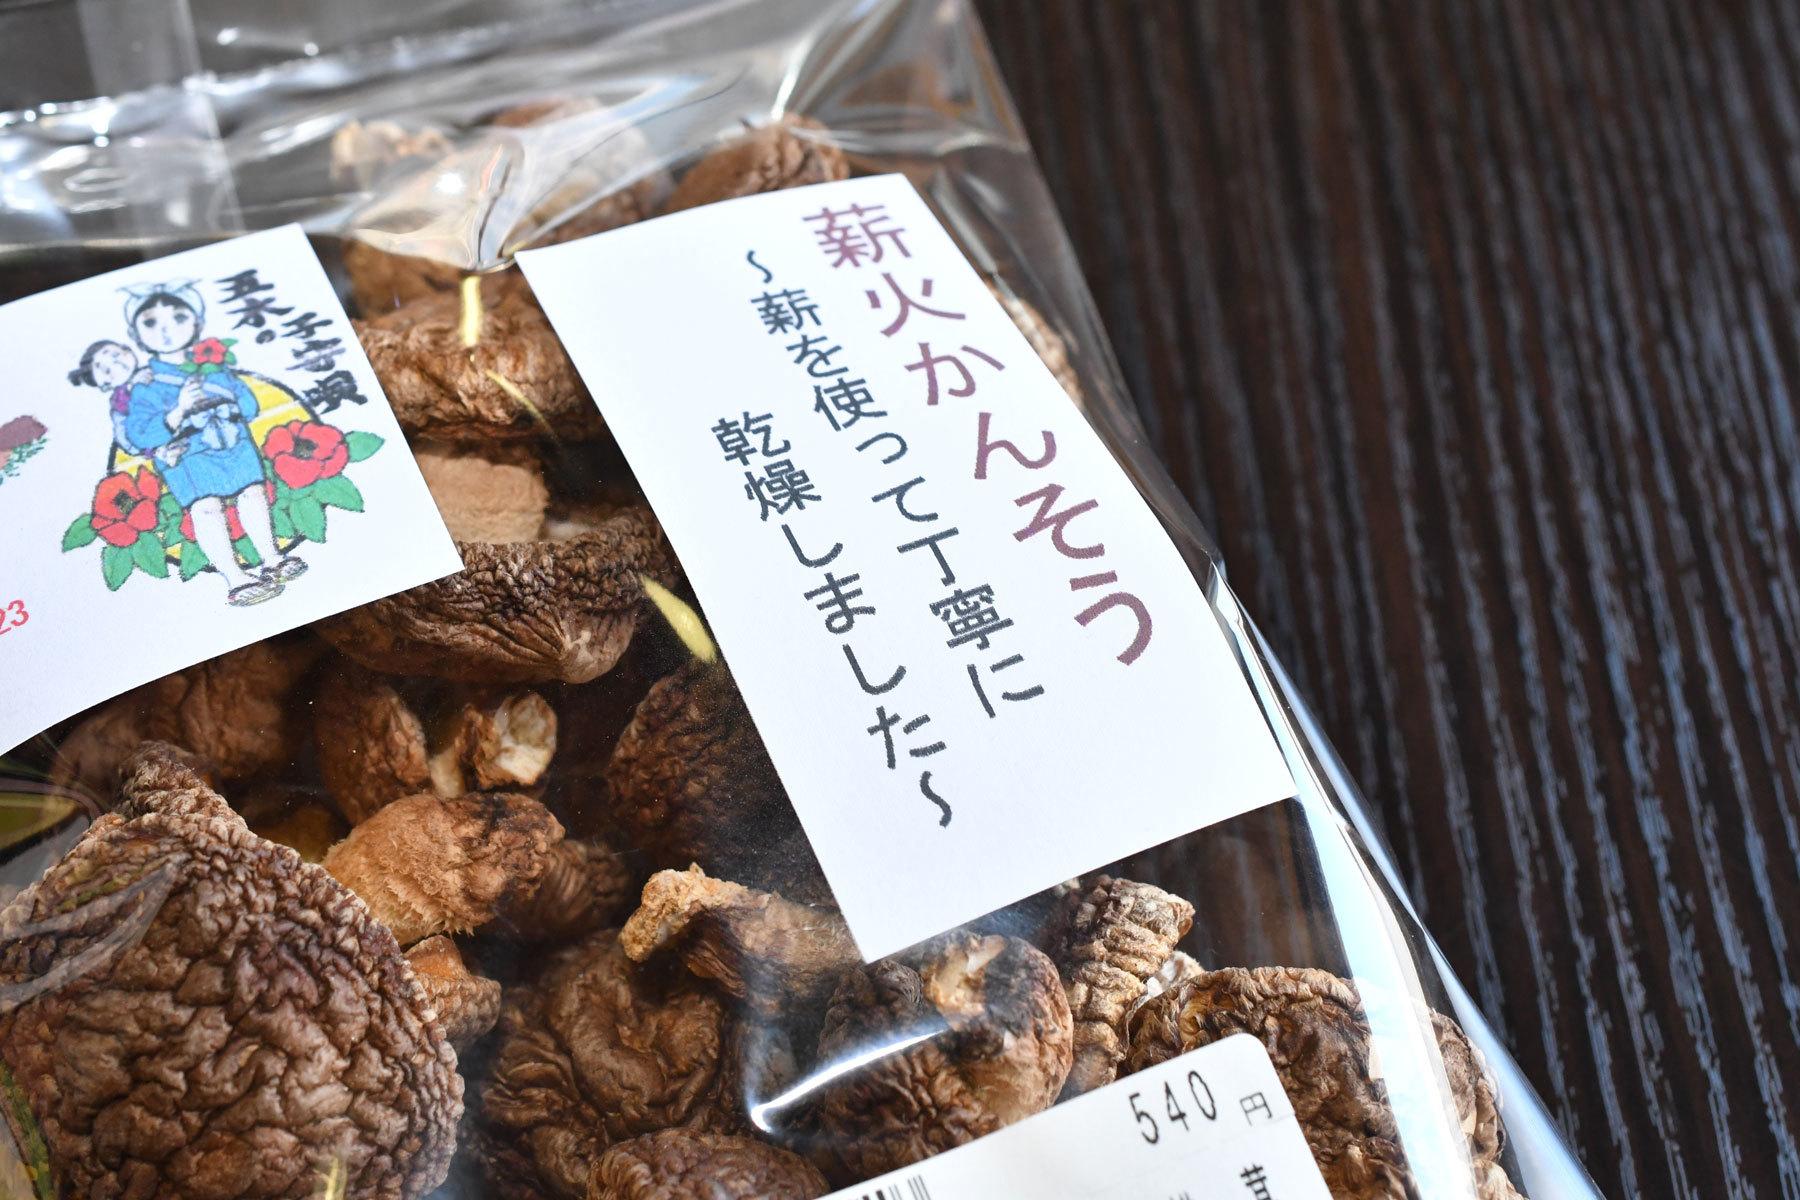 原木栽培乾燥椎茸(丸)100g - 画像1